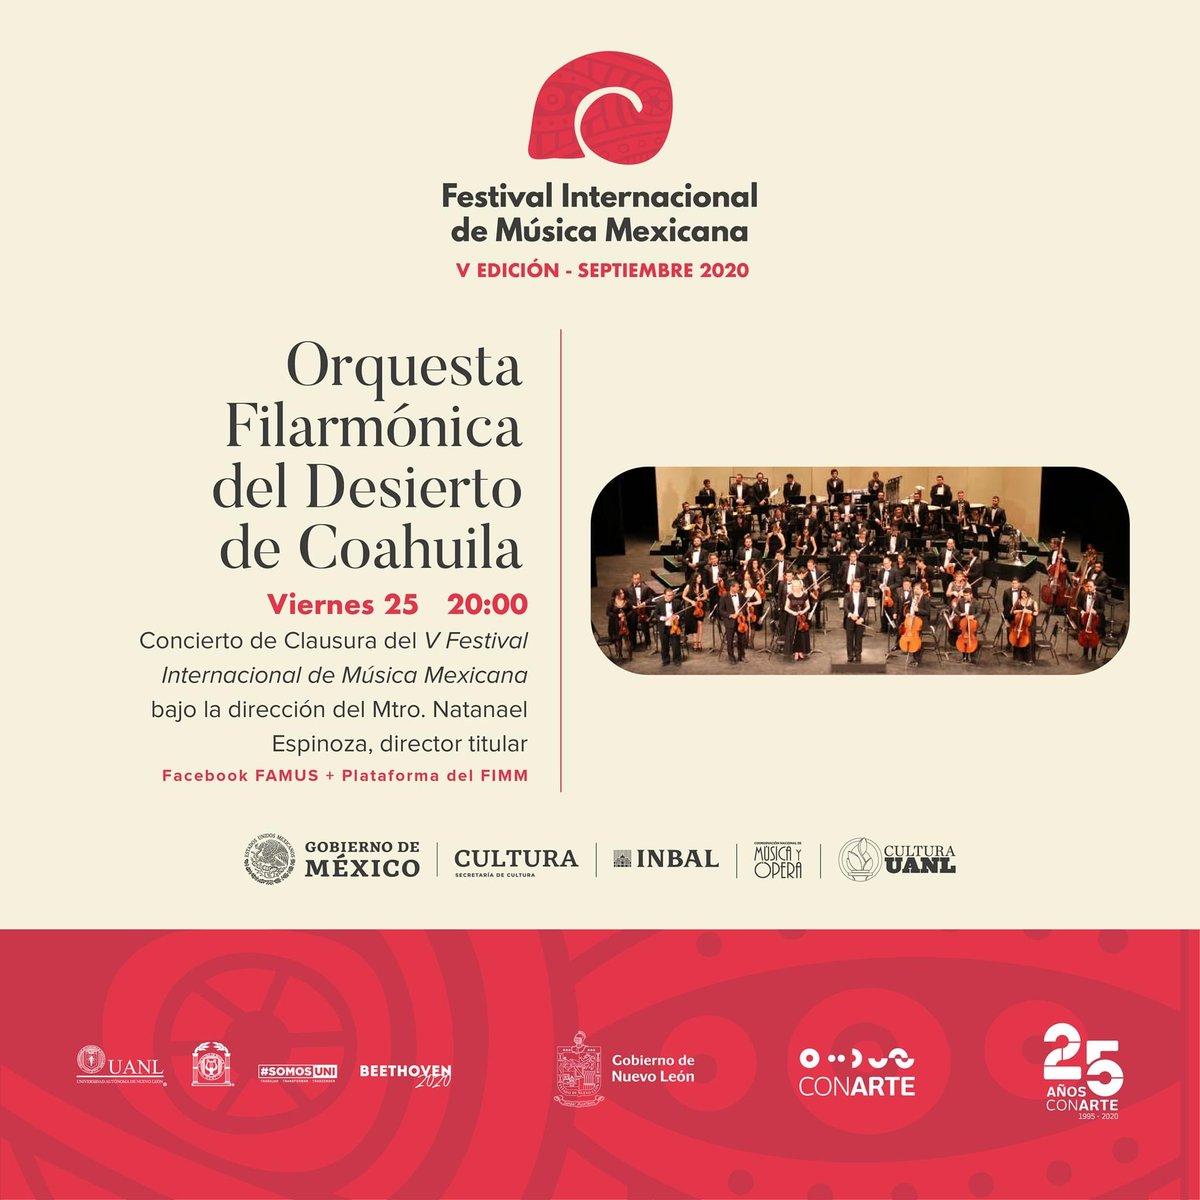 Acompáñanos hoy a las 20 horas, al concierto de Clausura del V Festival Internacional de Música Mexicana.  Participa la @fildecoahuila bajo la dirección del Mtro. @nata_espinoza, director titular.  @uanl @FAMUS_UANL @conartenl @MusicaINBA  #SomosFAMUS #SomosUni https://t.co/wERF3r1X7c